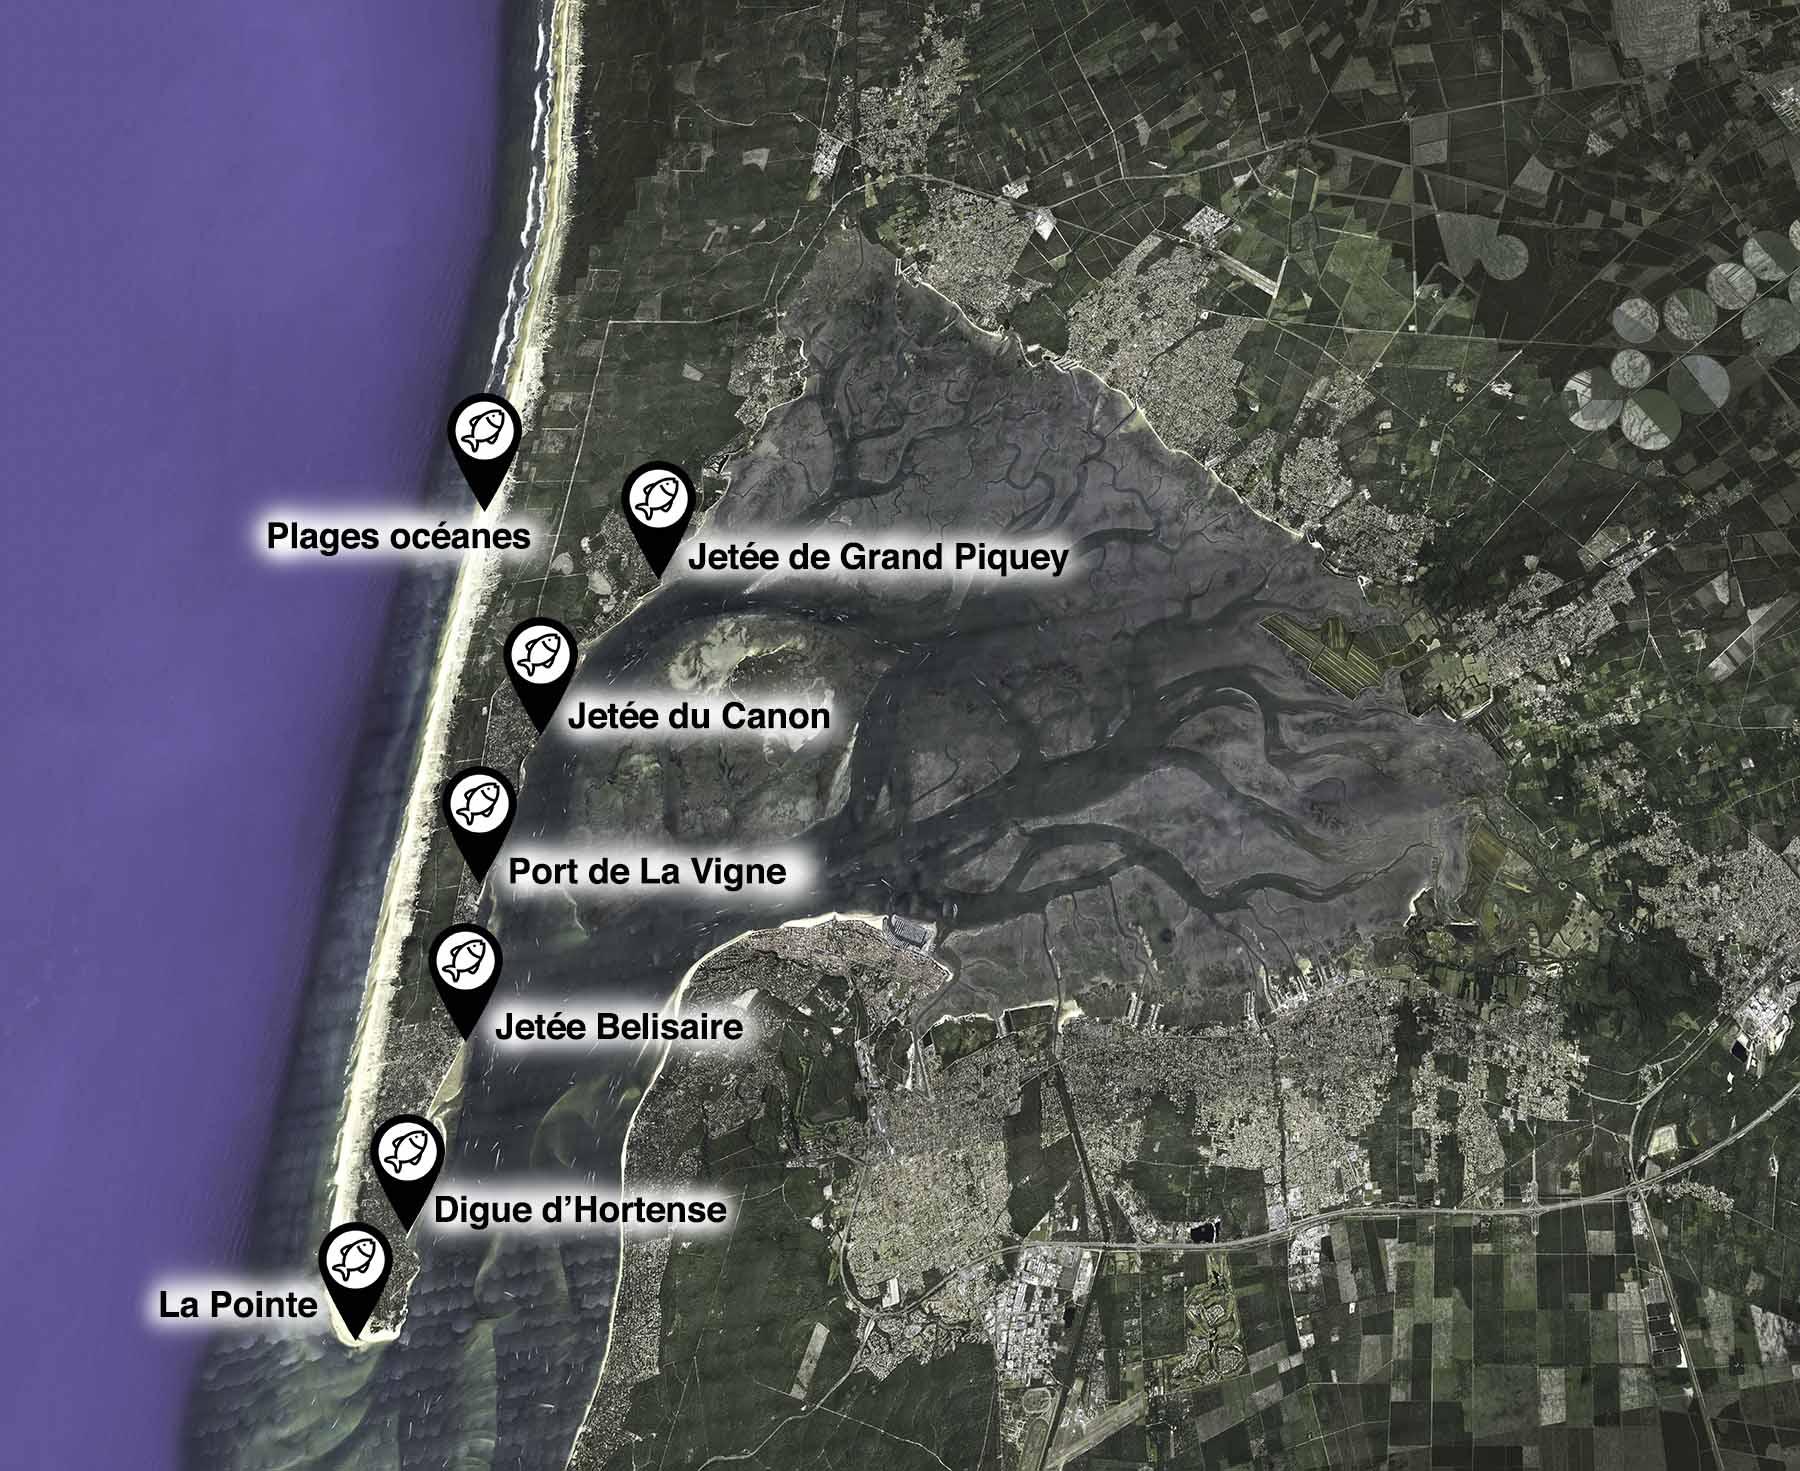 carte des spots de pêche au cap ferret